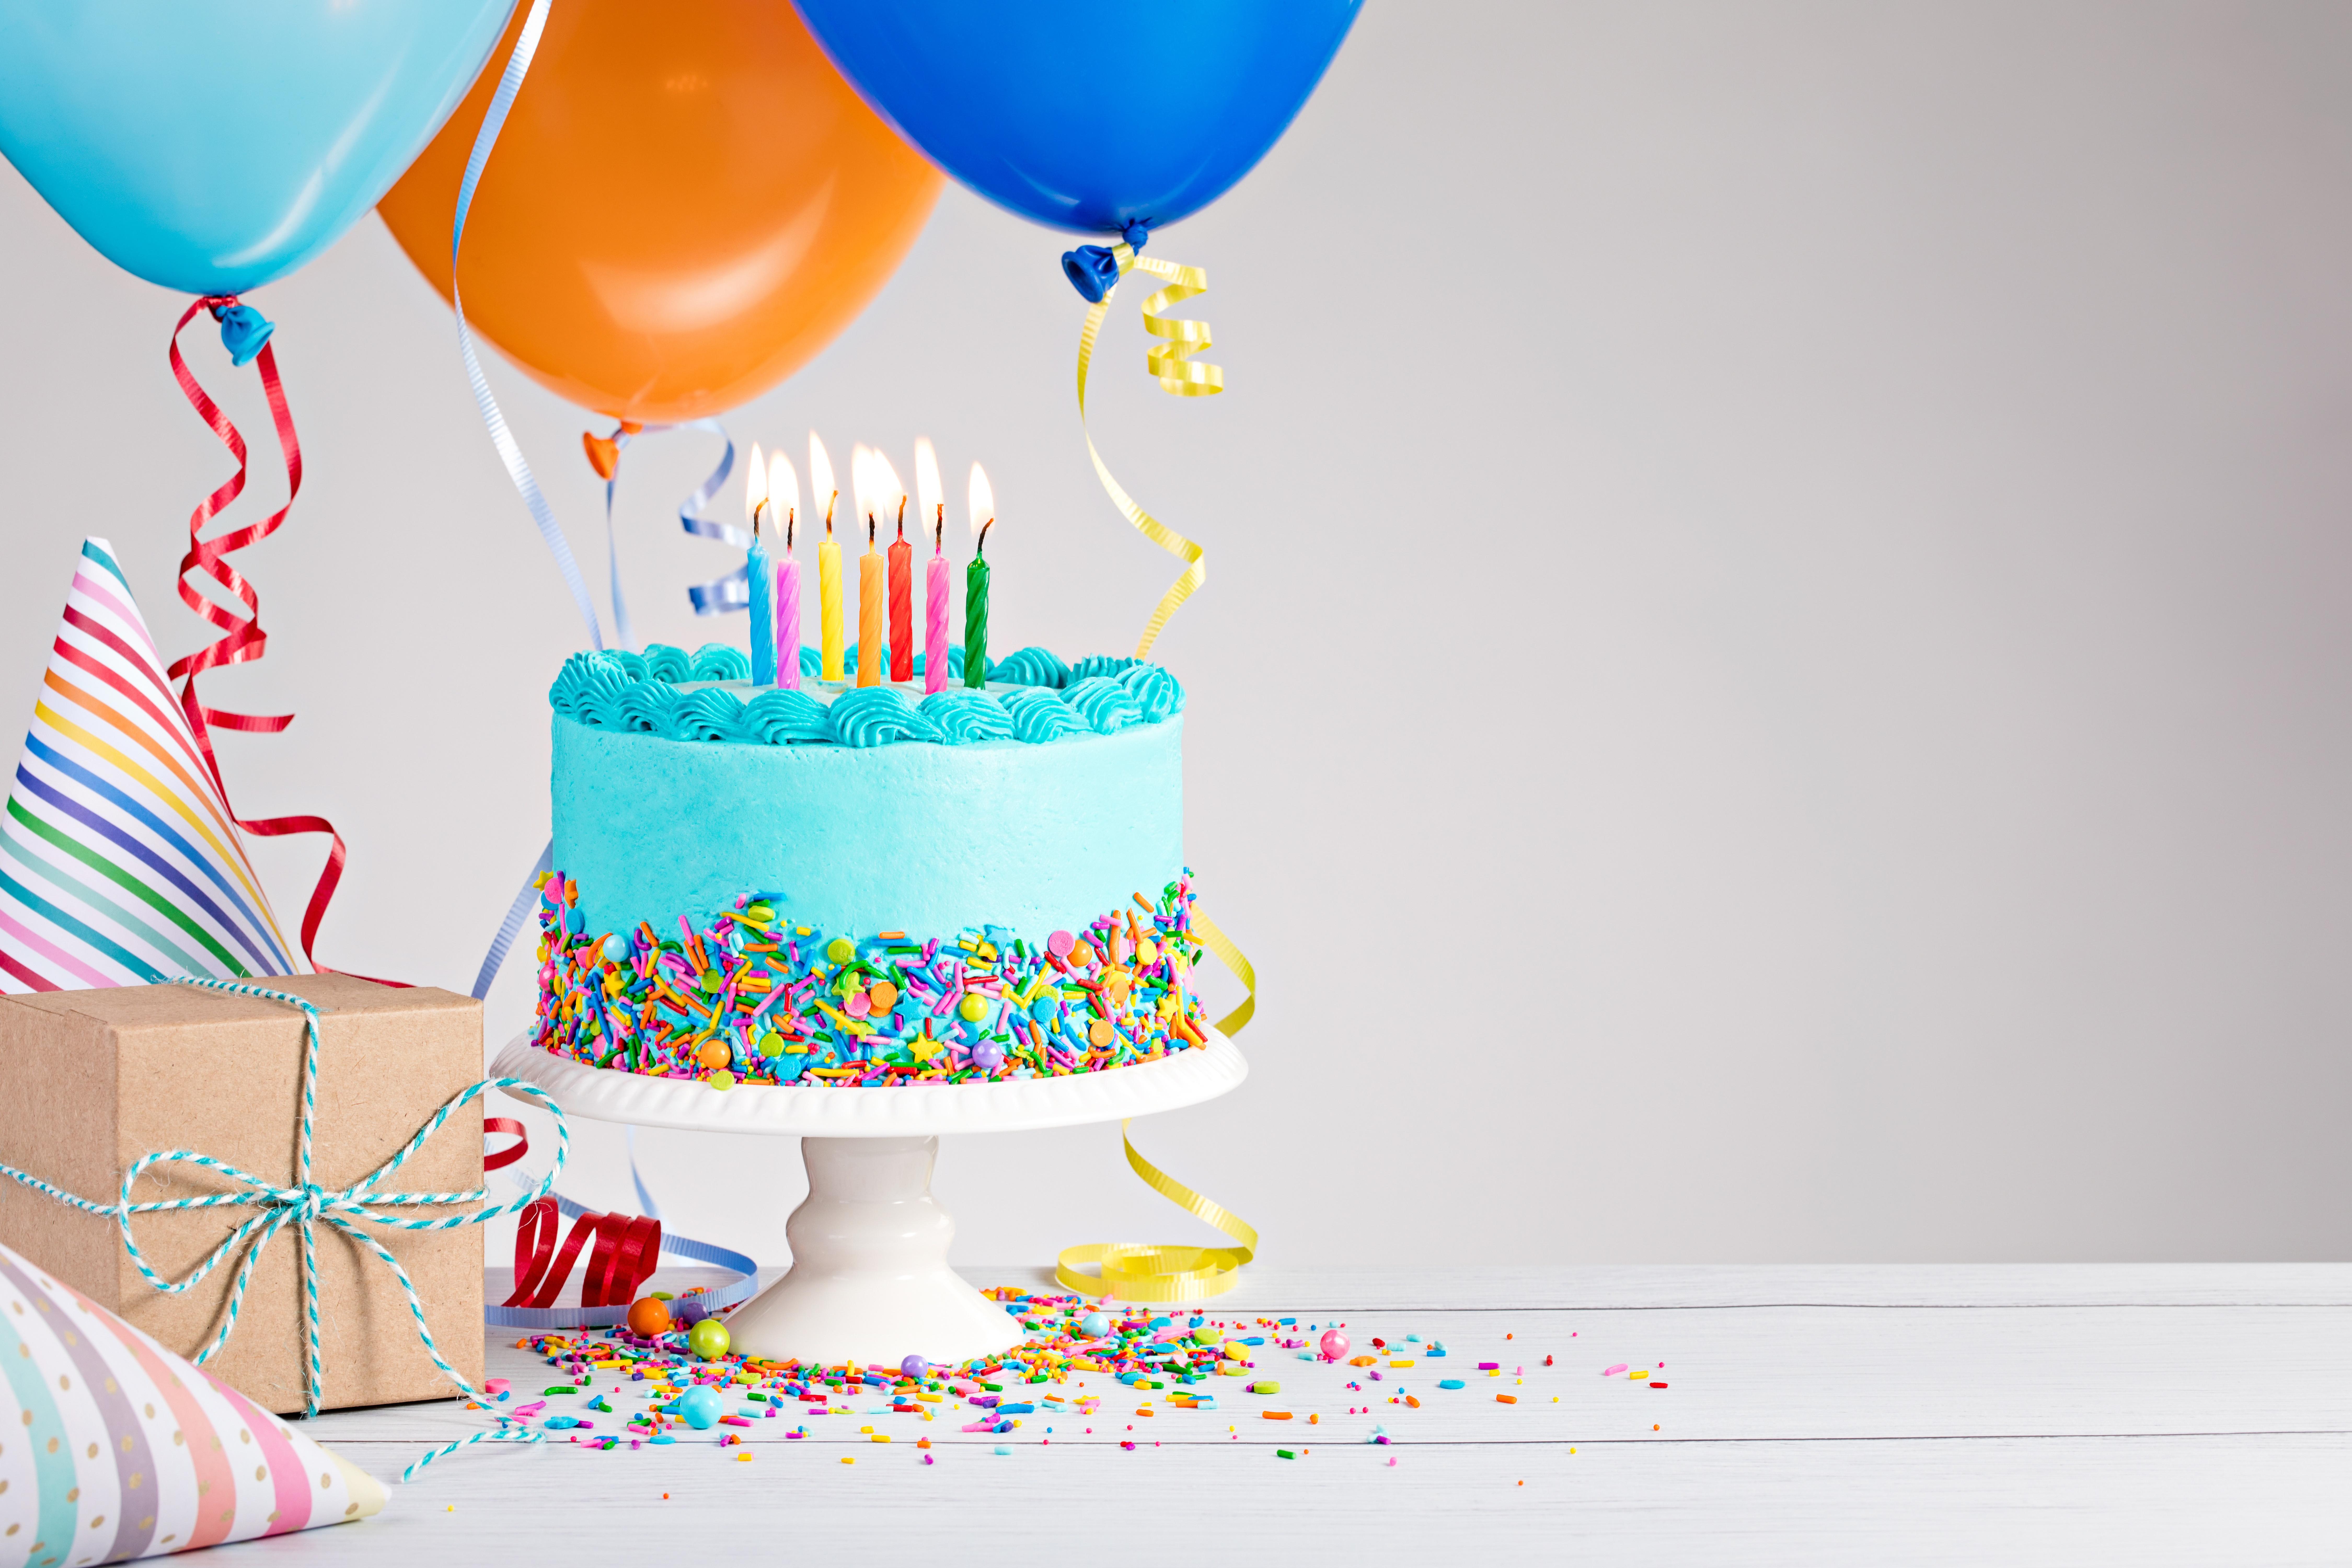 стилю открытка с днем рождения компании предыдущим